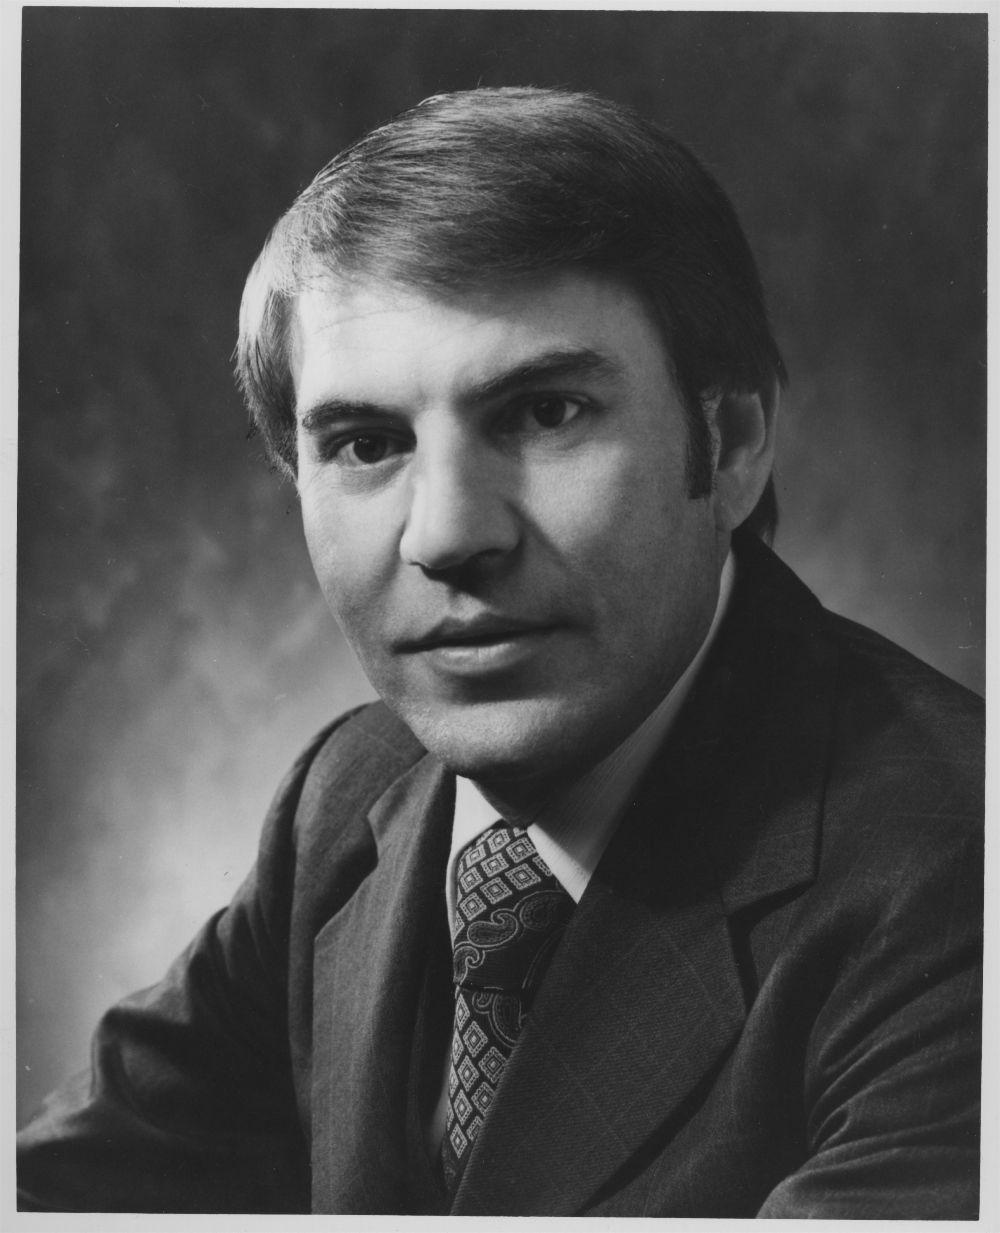 Curt T. Schneider